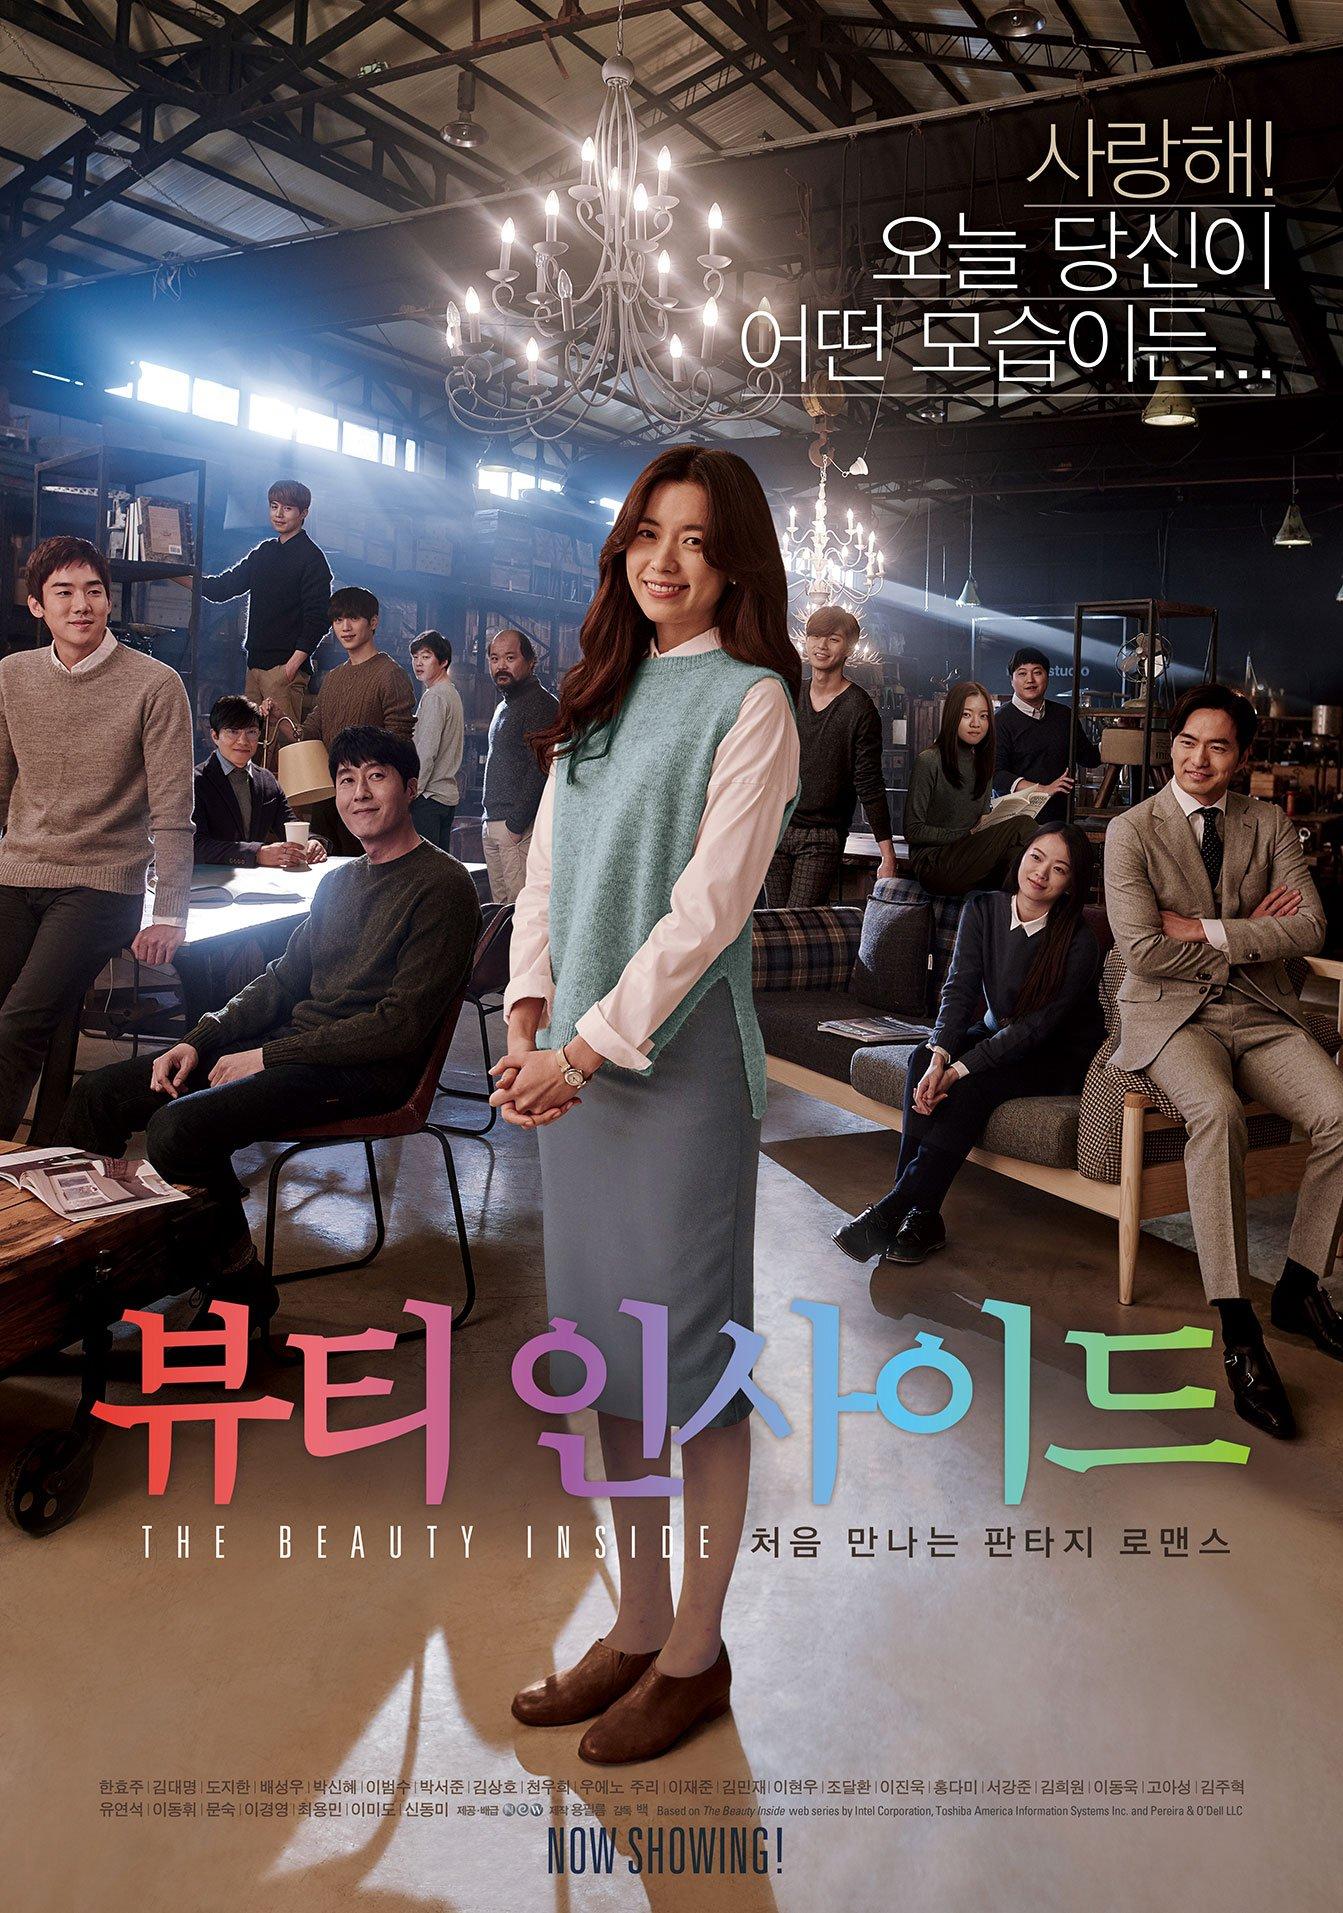 فیلم کره ای زیبایی درون The Beauty Inside 2015